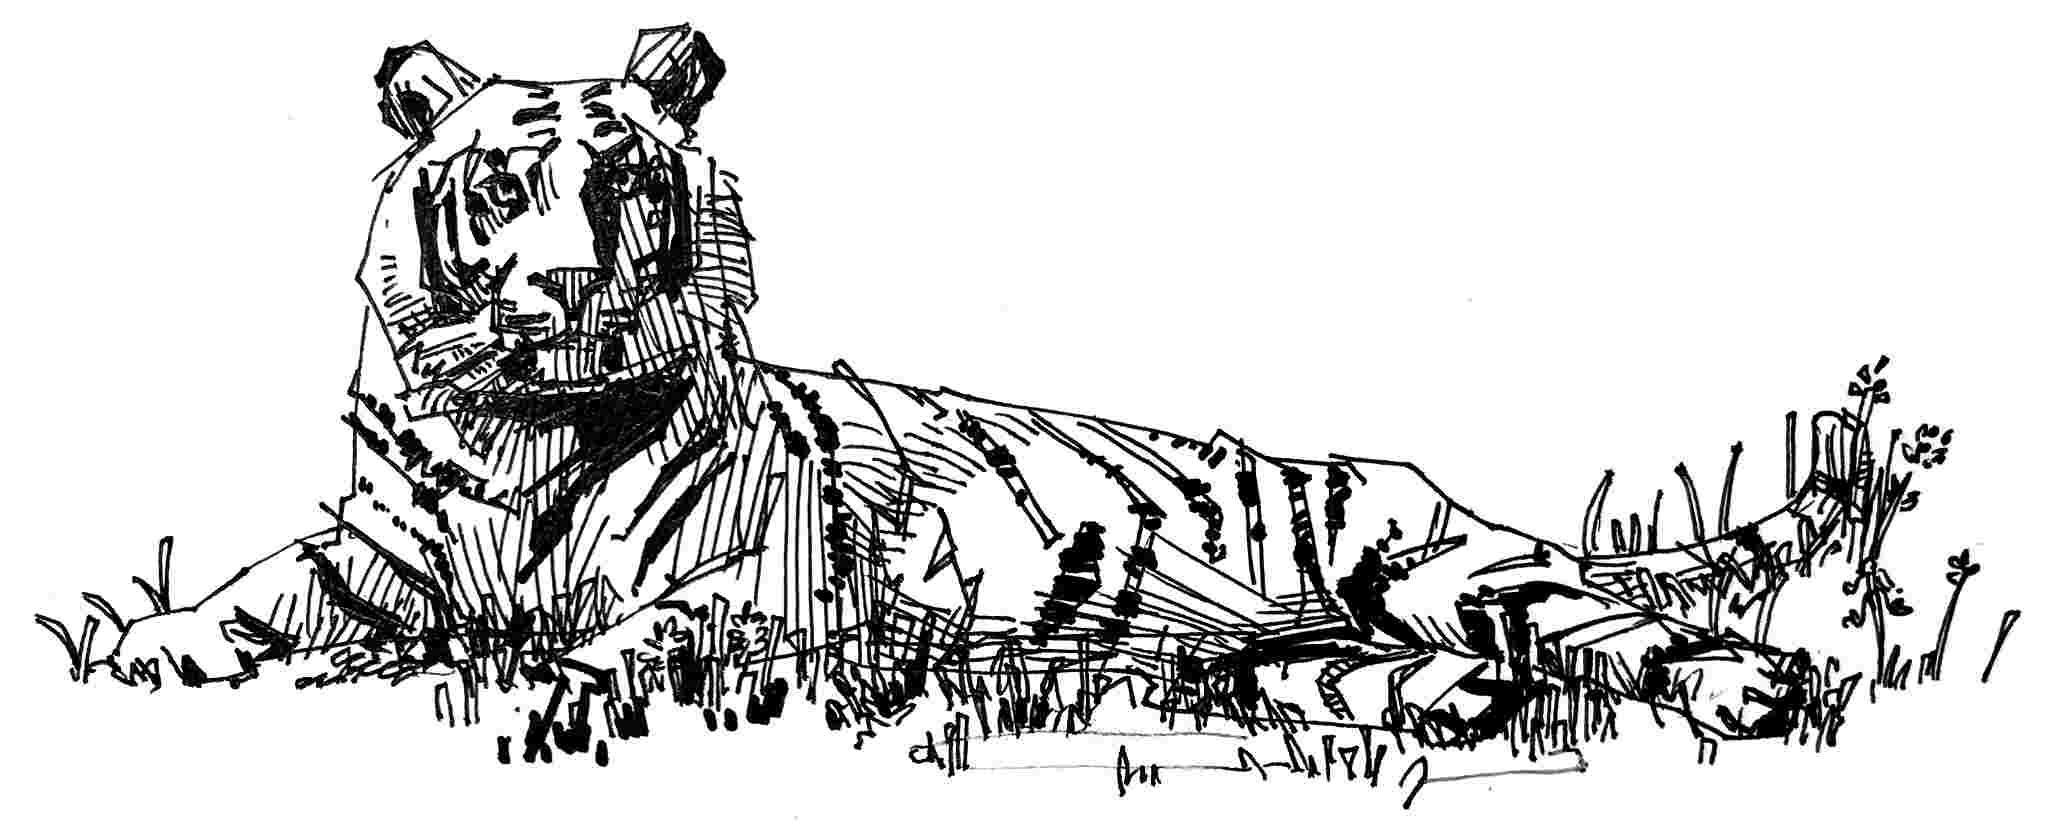 Schwarz-weiß Zeichnung liegender Tiger - bildlich für Markenrecht